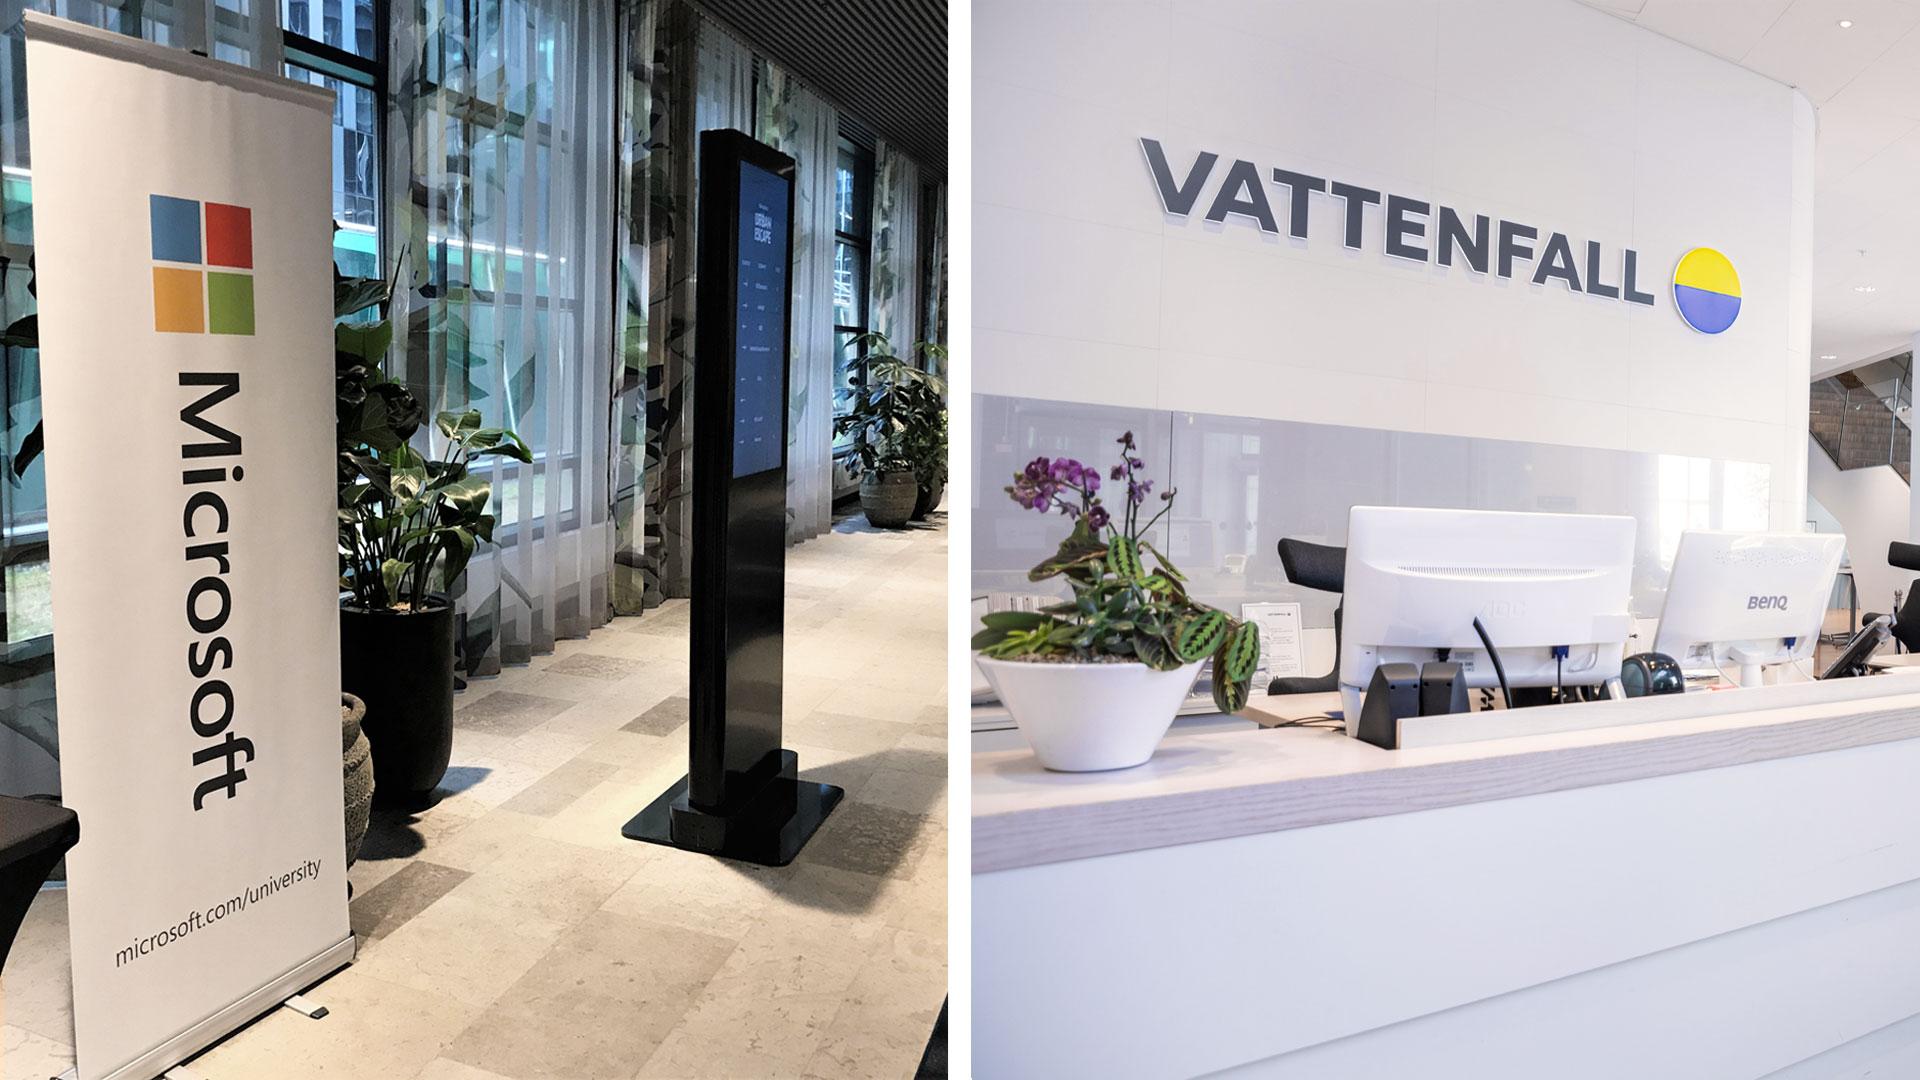 Ενισχύουν τη συνεργασία τους ως ενεργειακοί εταίροι Vattenfall και Microsoft